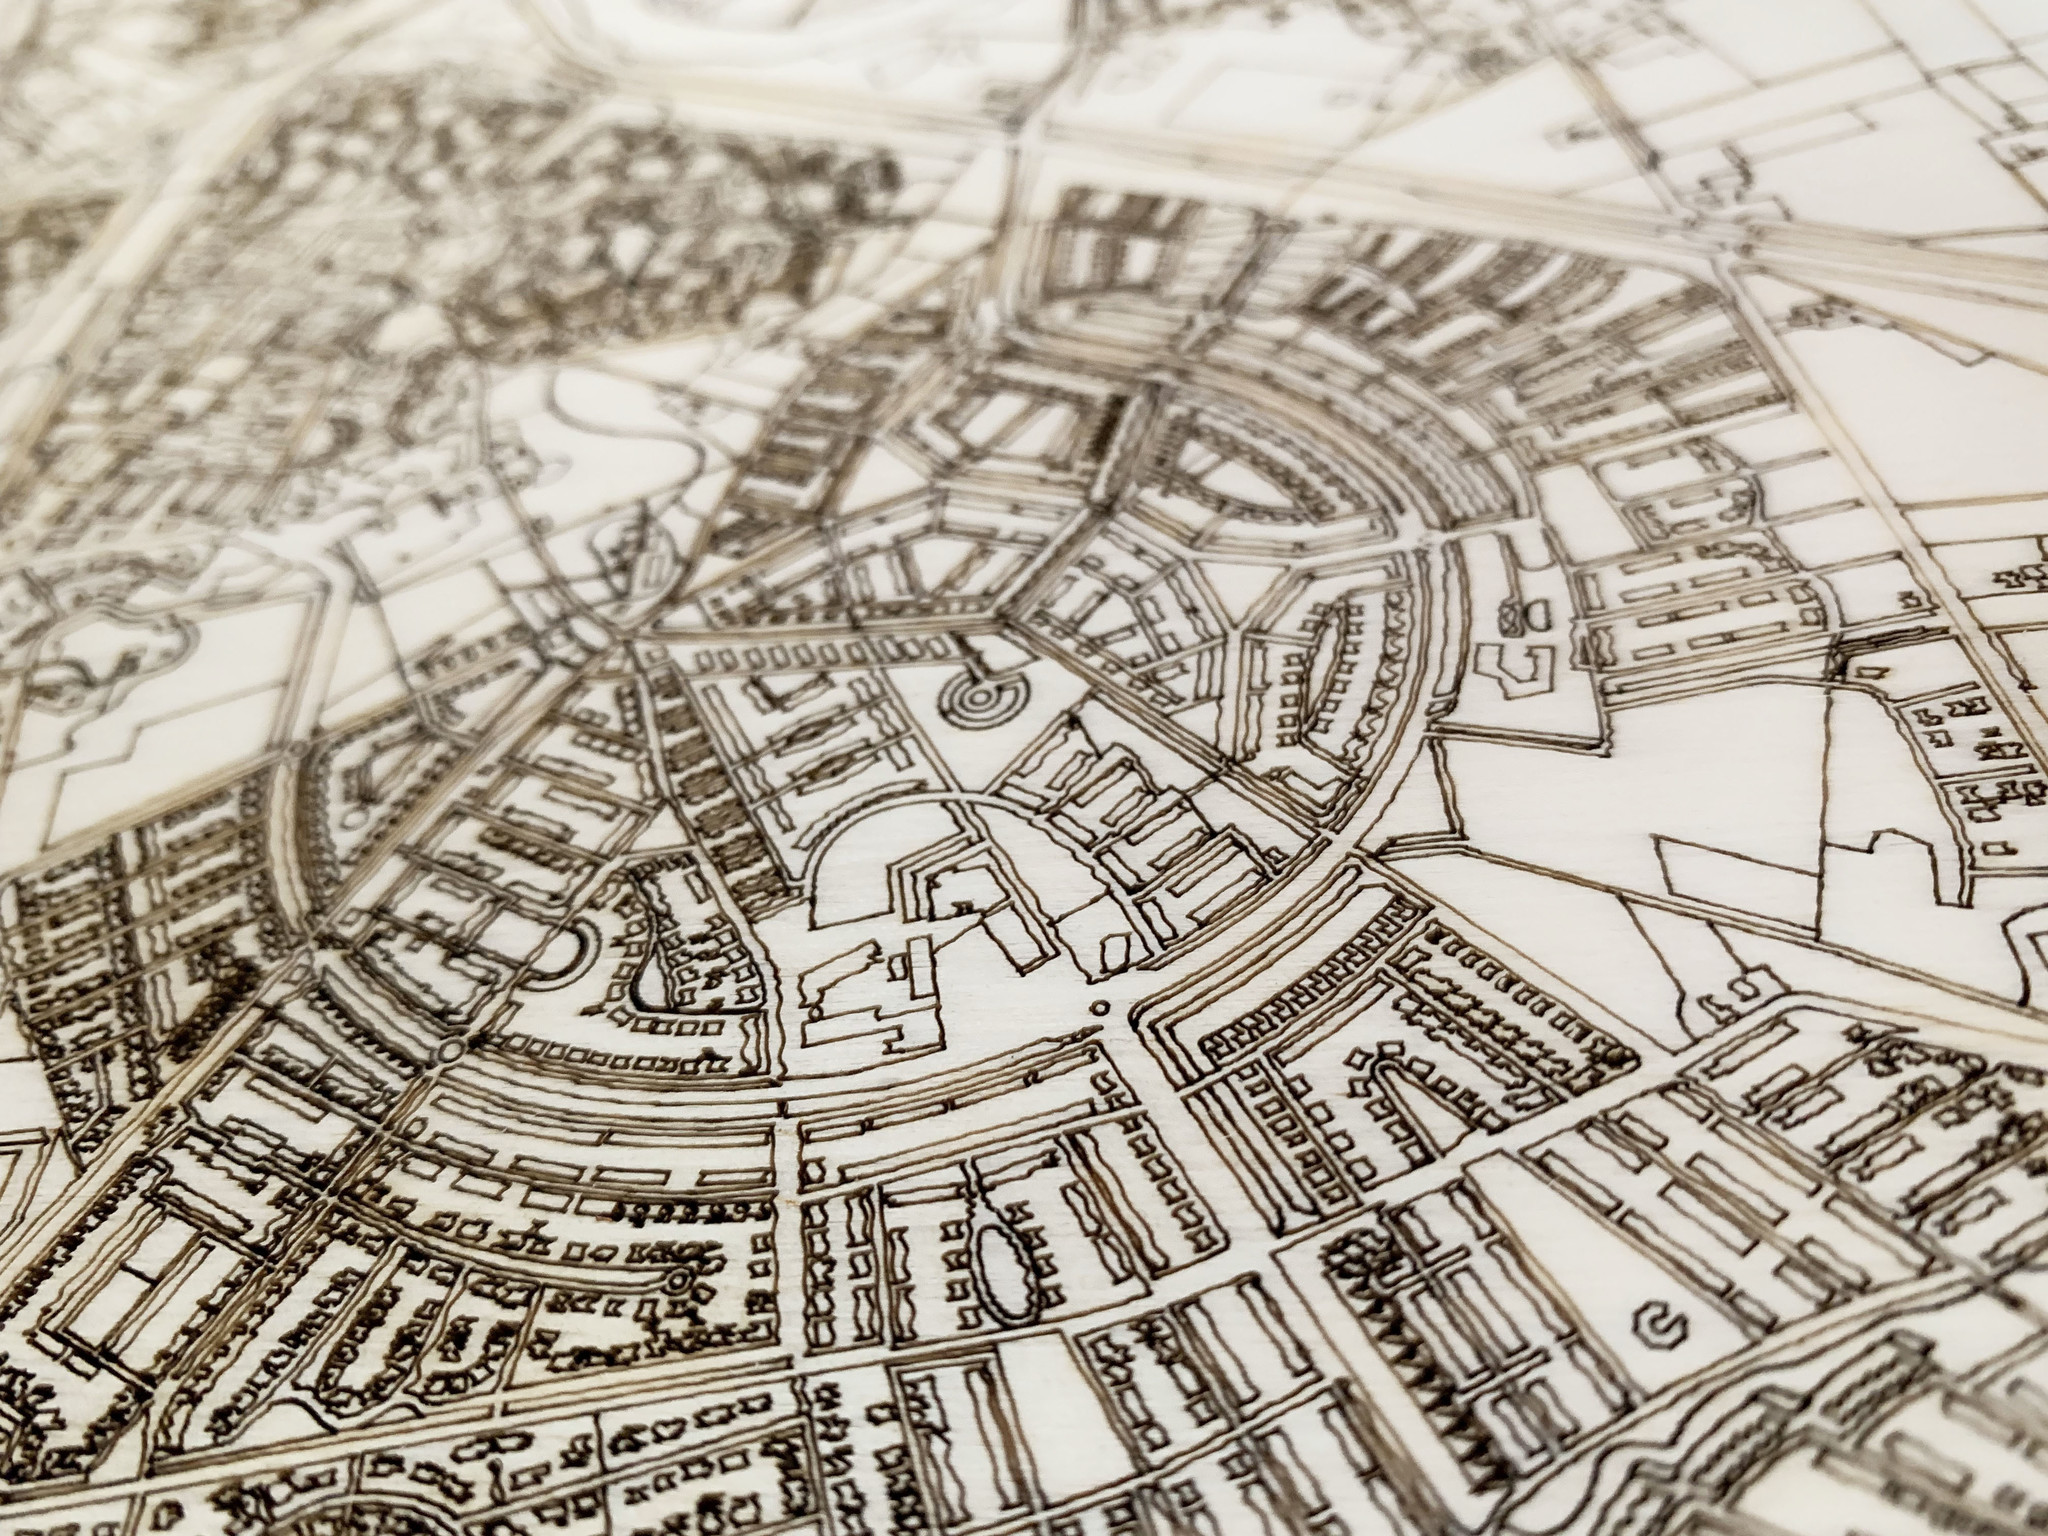 Wandbild Stadtplan Deventer | Wanddekoration Holz-3